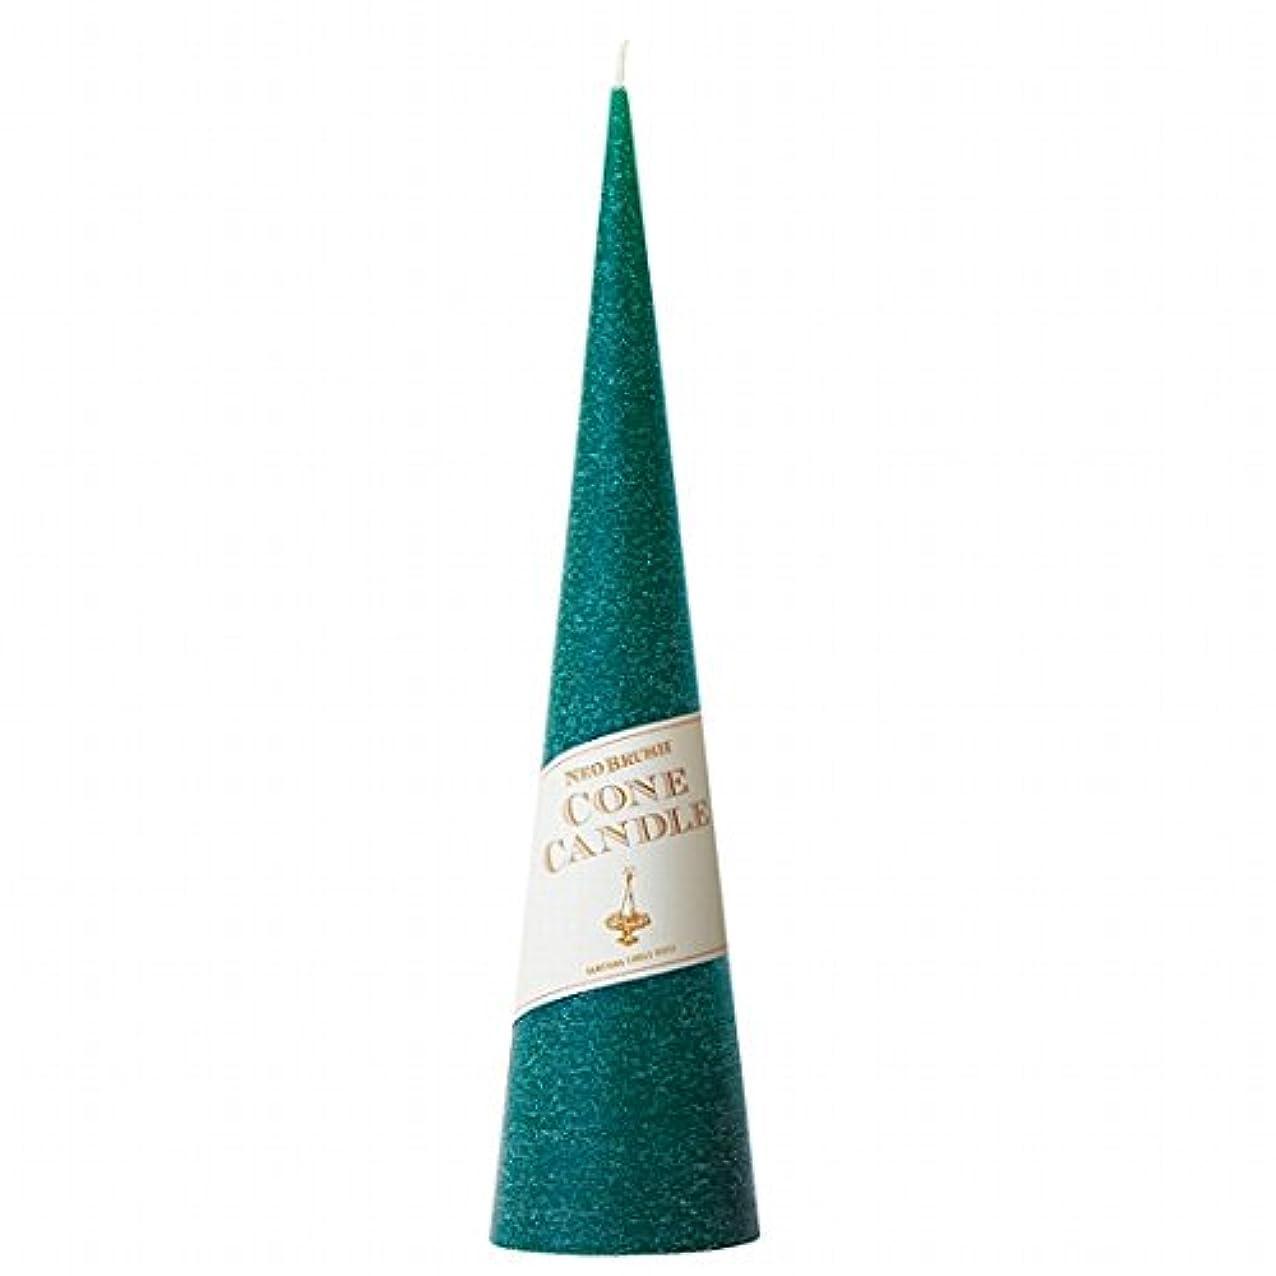 すでに拍車鉛筆kameyama candle(カメヤマキャンドル) ネオブラッシュコーン 295 キャンドル 「 グリーン 」(A9750030G)